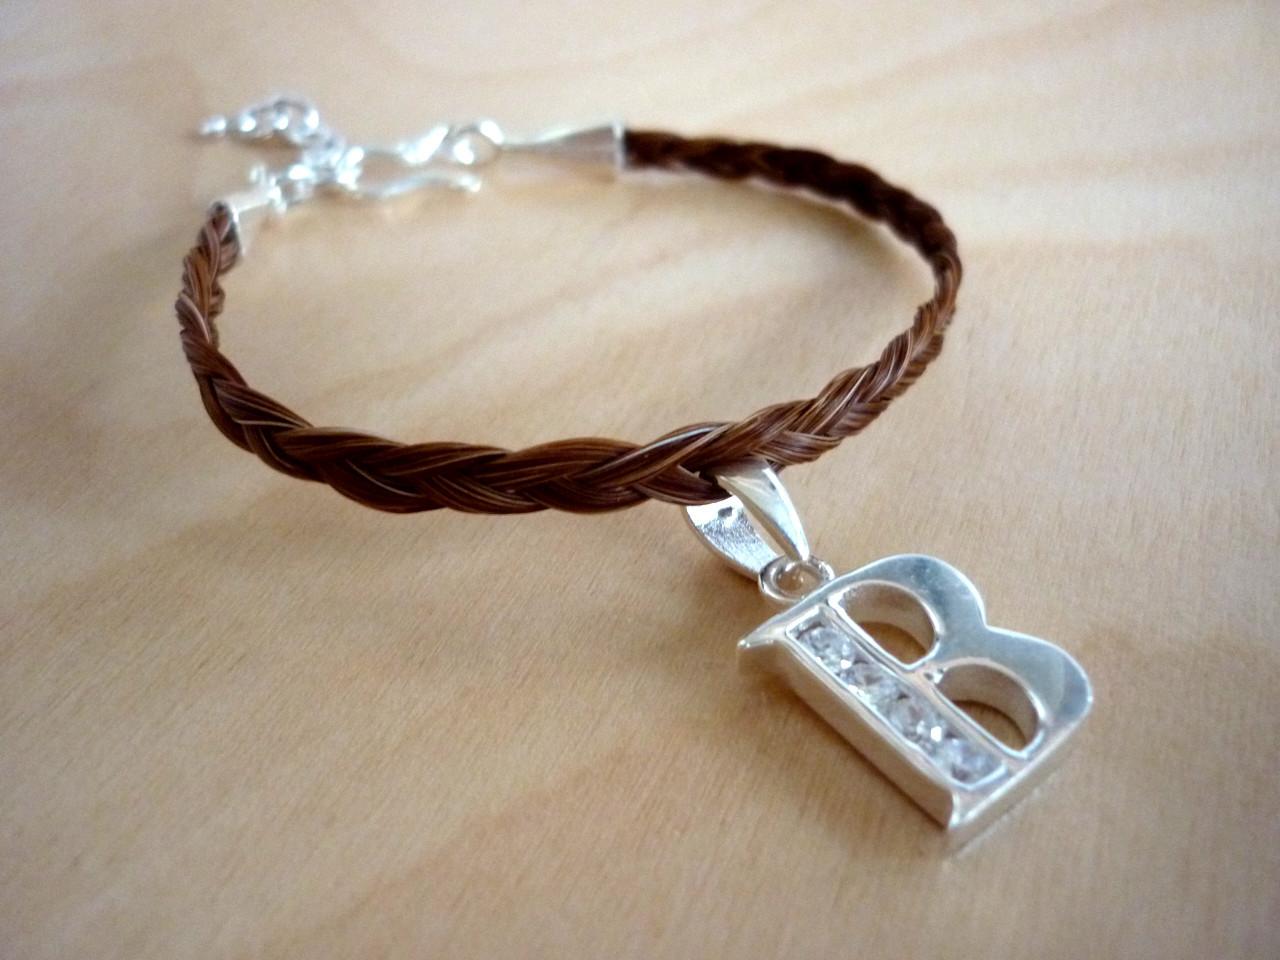 Dreifach geflochtenes Armband mit 925er Silber Buchstabe mit Zirkonia-Steinen, braunes Pferdehaar